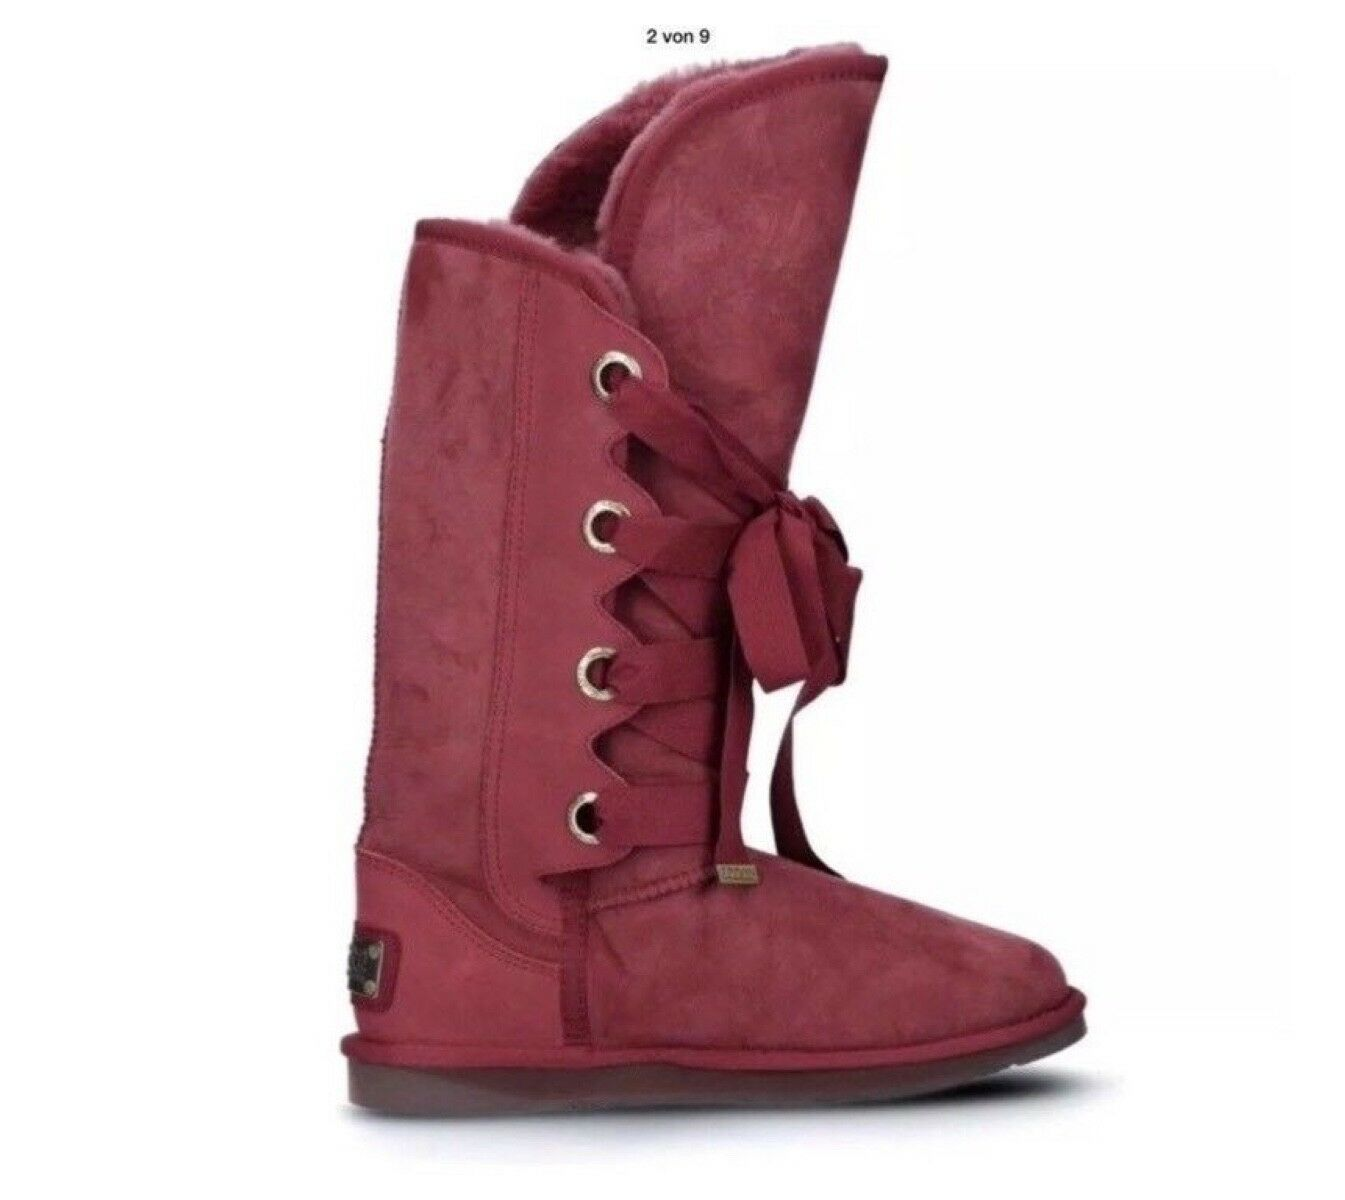 NEU❗️Australia Luxe Coole Stiefel Stiefel Bedouin Tall Gr.38 Lammfell Bordeaux